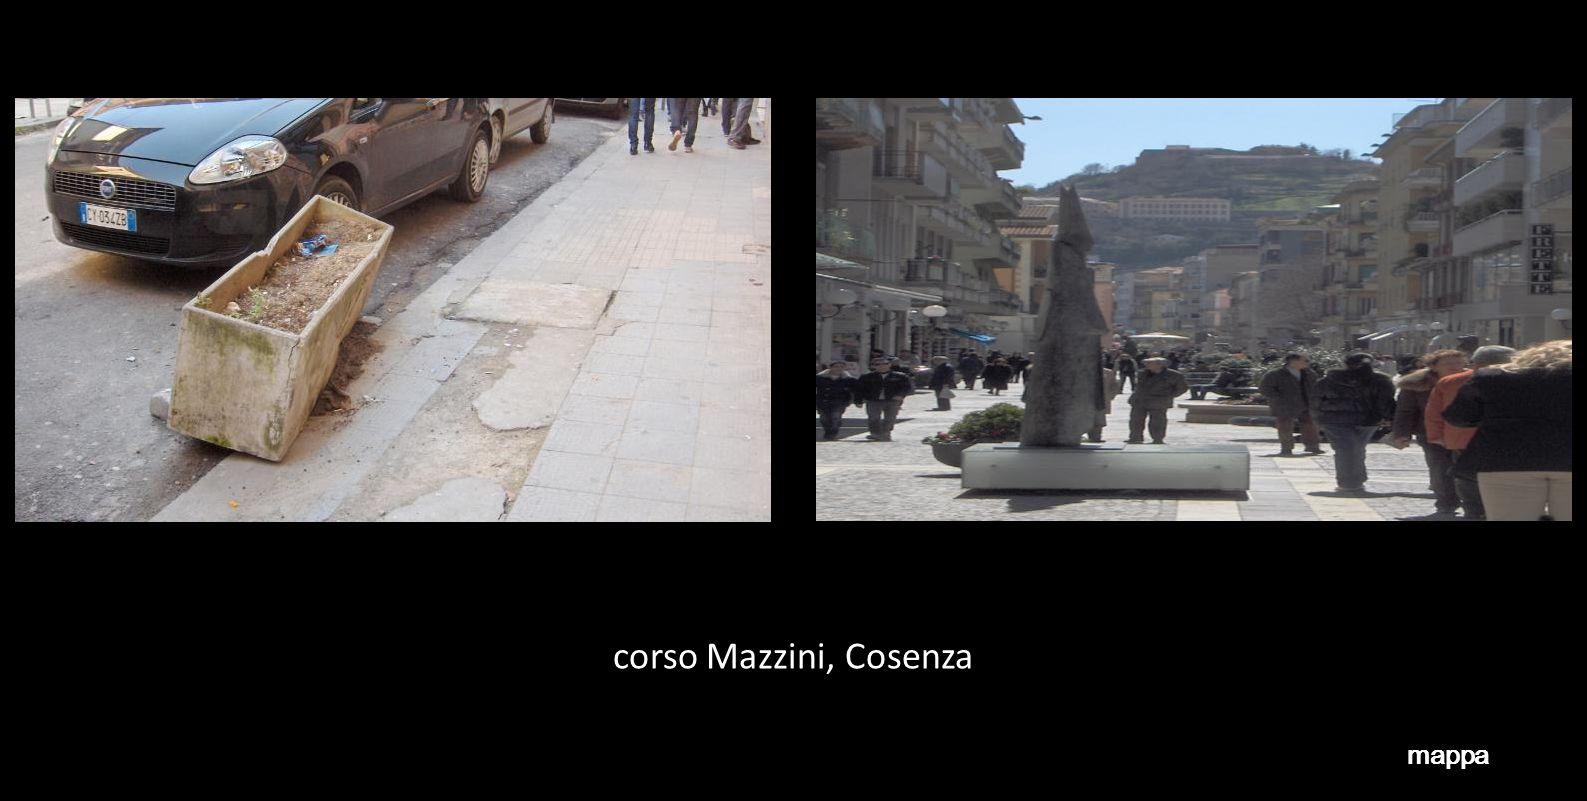 corso Mazzini, Cosenza mappa